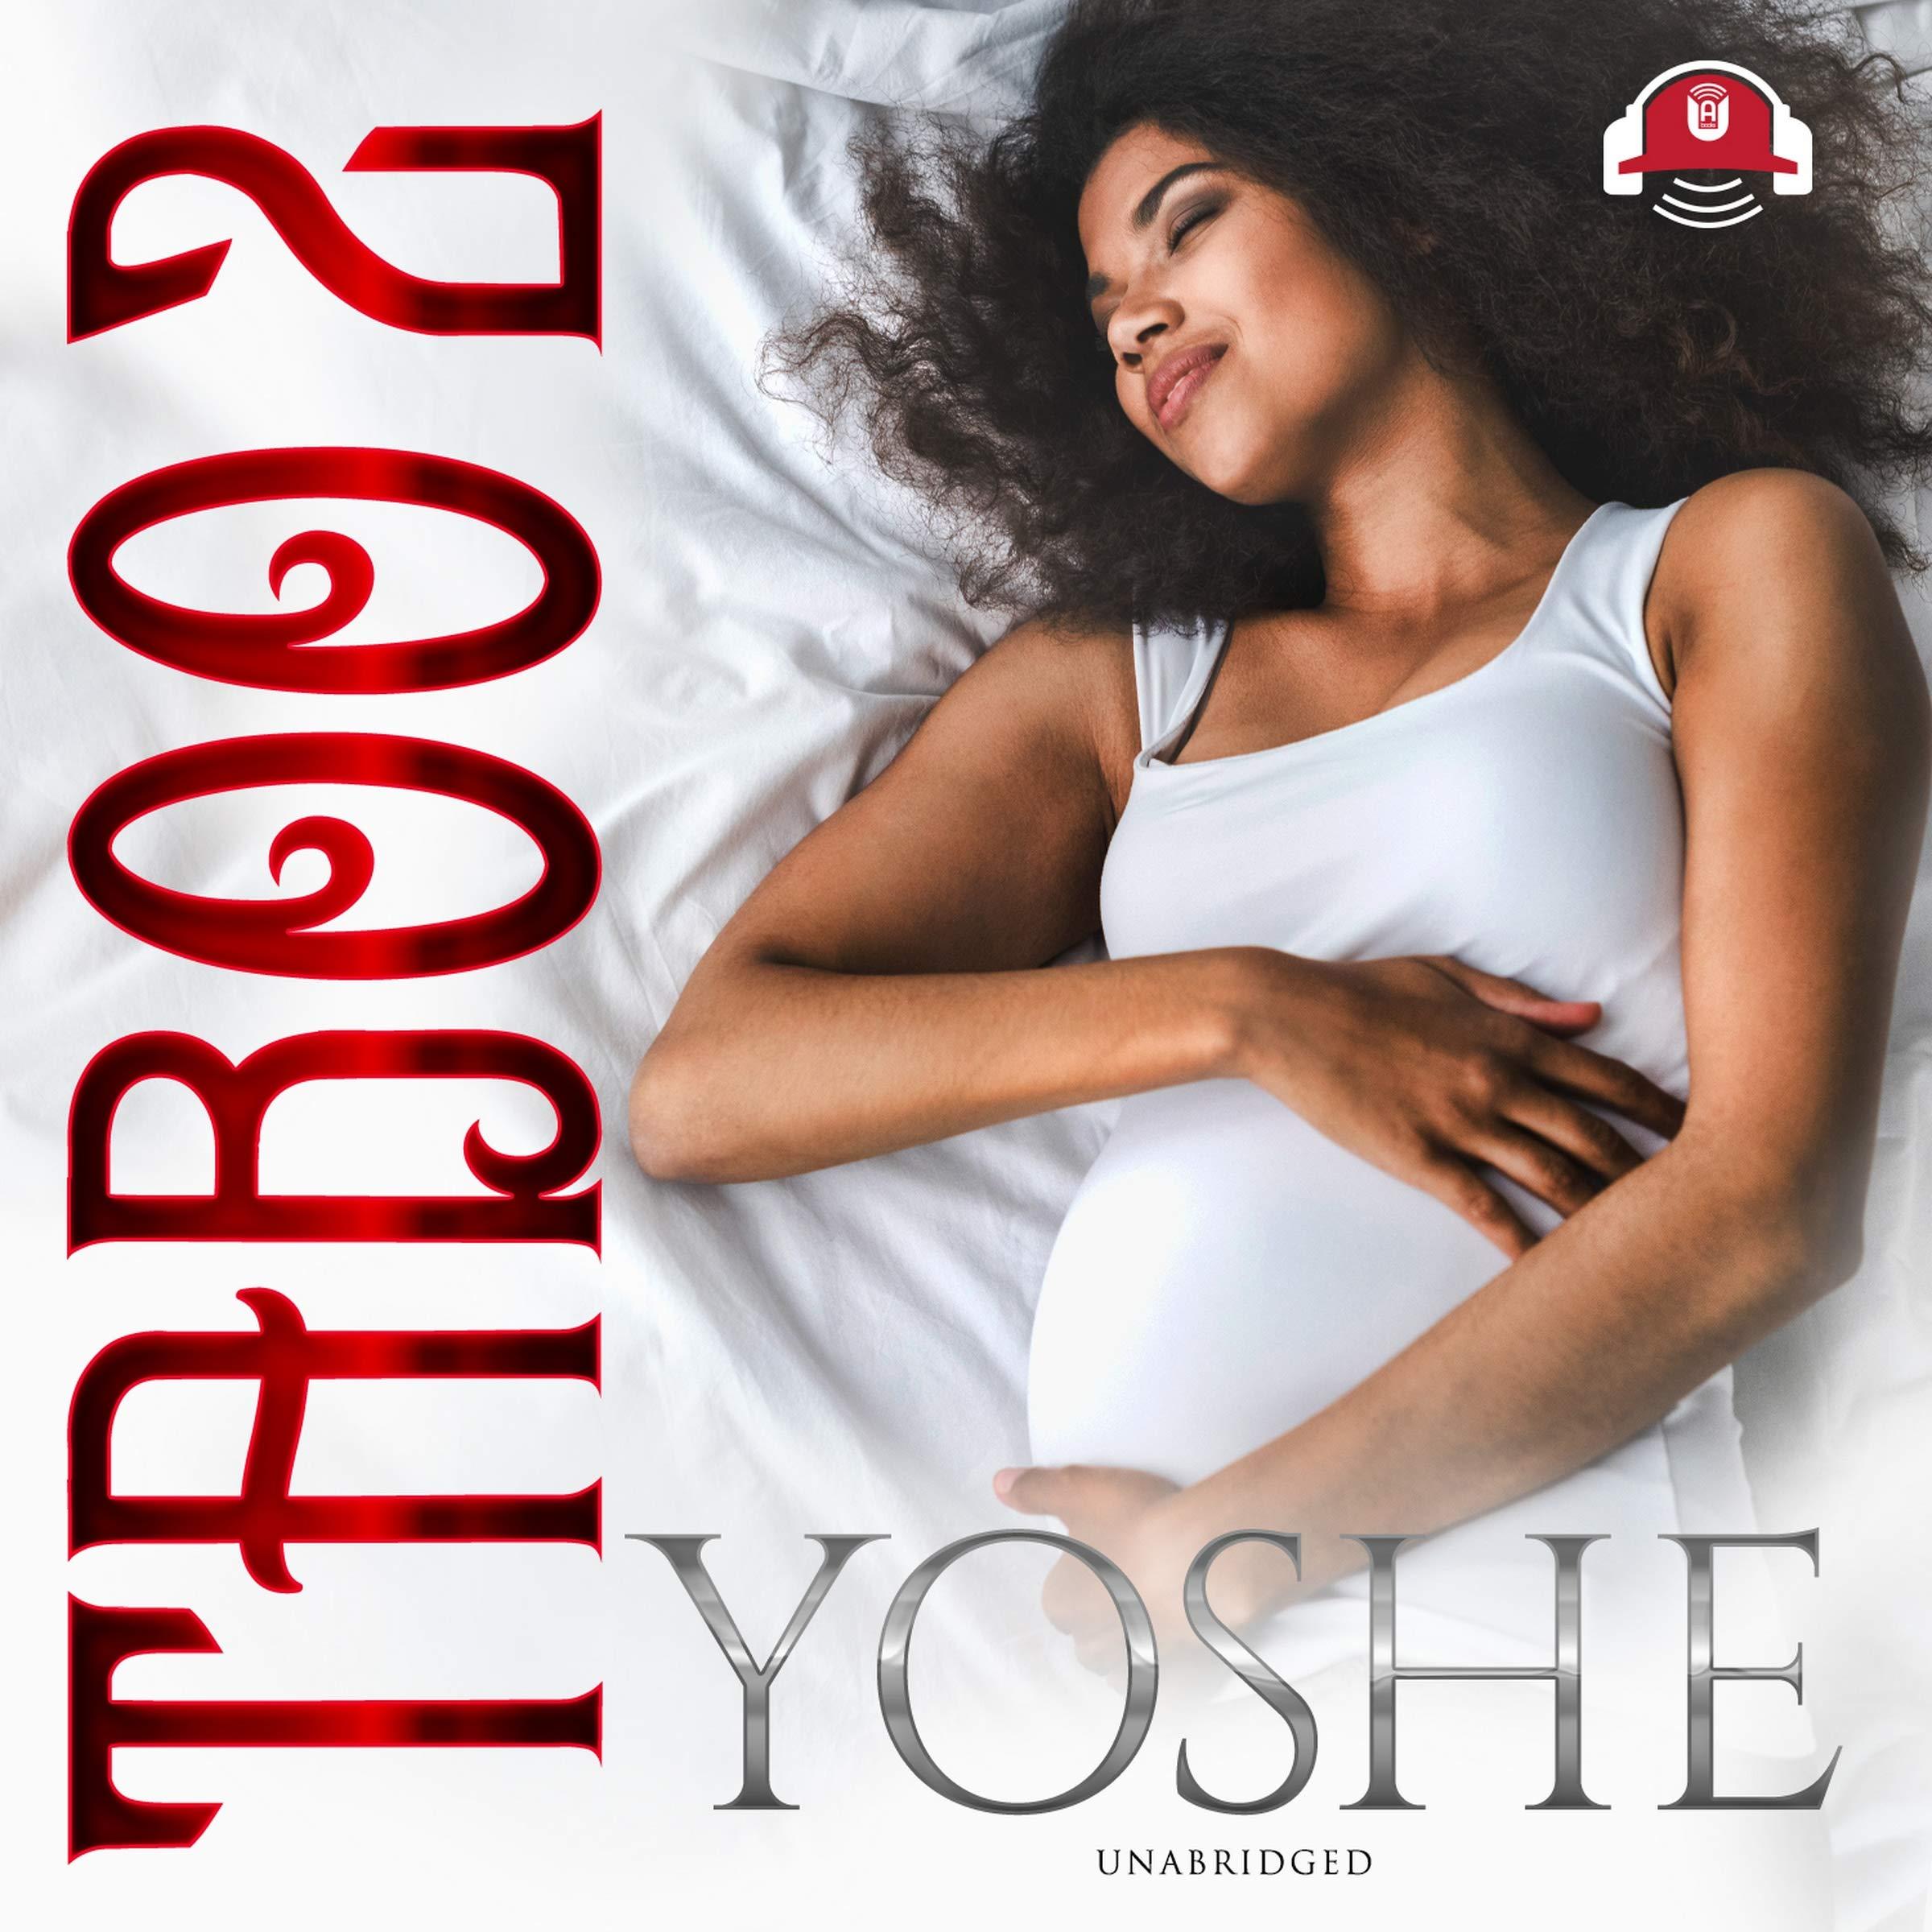 Amazon Com Taboo 2 Locked In The Taboo Series 9781094037387 Yoshe Books Дороти ле мэй, хони уайлдер, кевин джеймс и др. amazon com